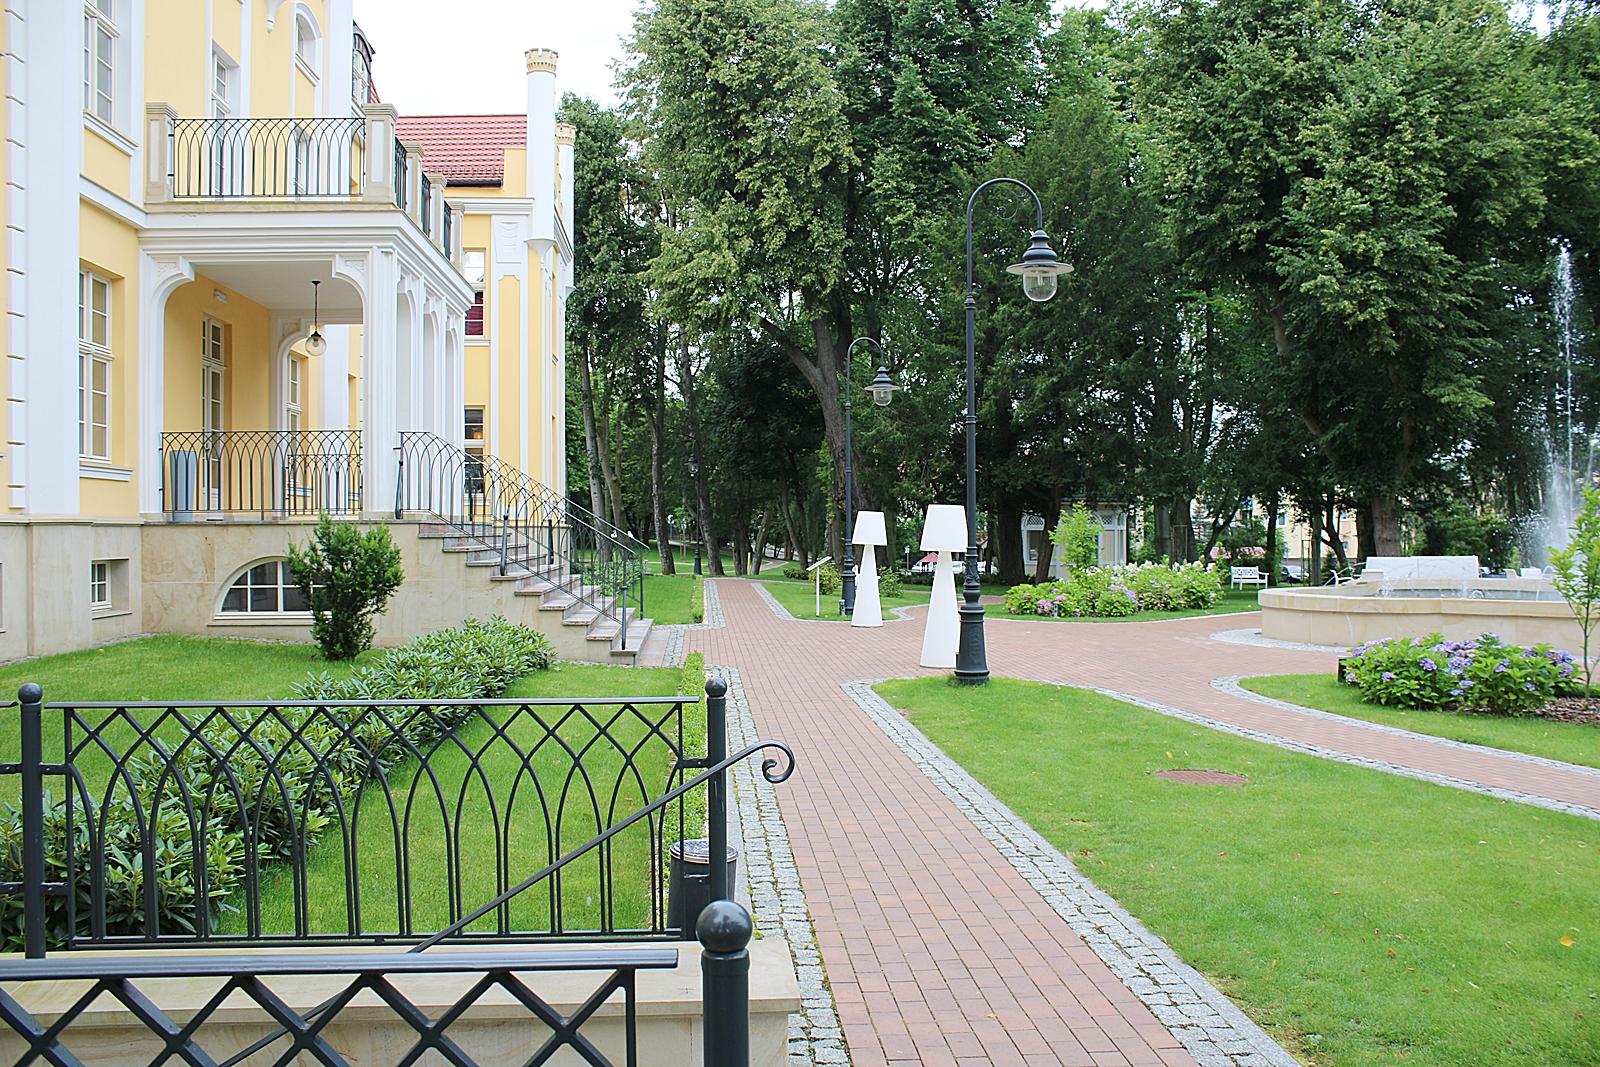 Ett fantastiskt besök på hotellet Bialy Krolik i Gdynia